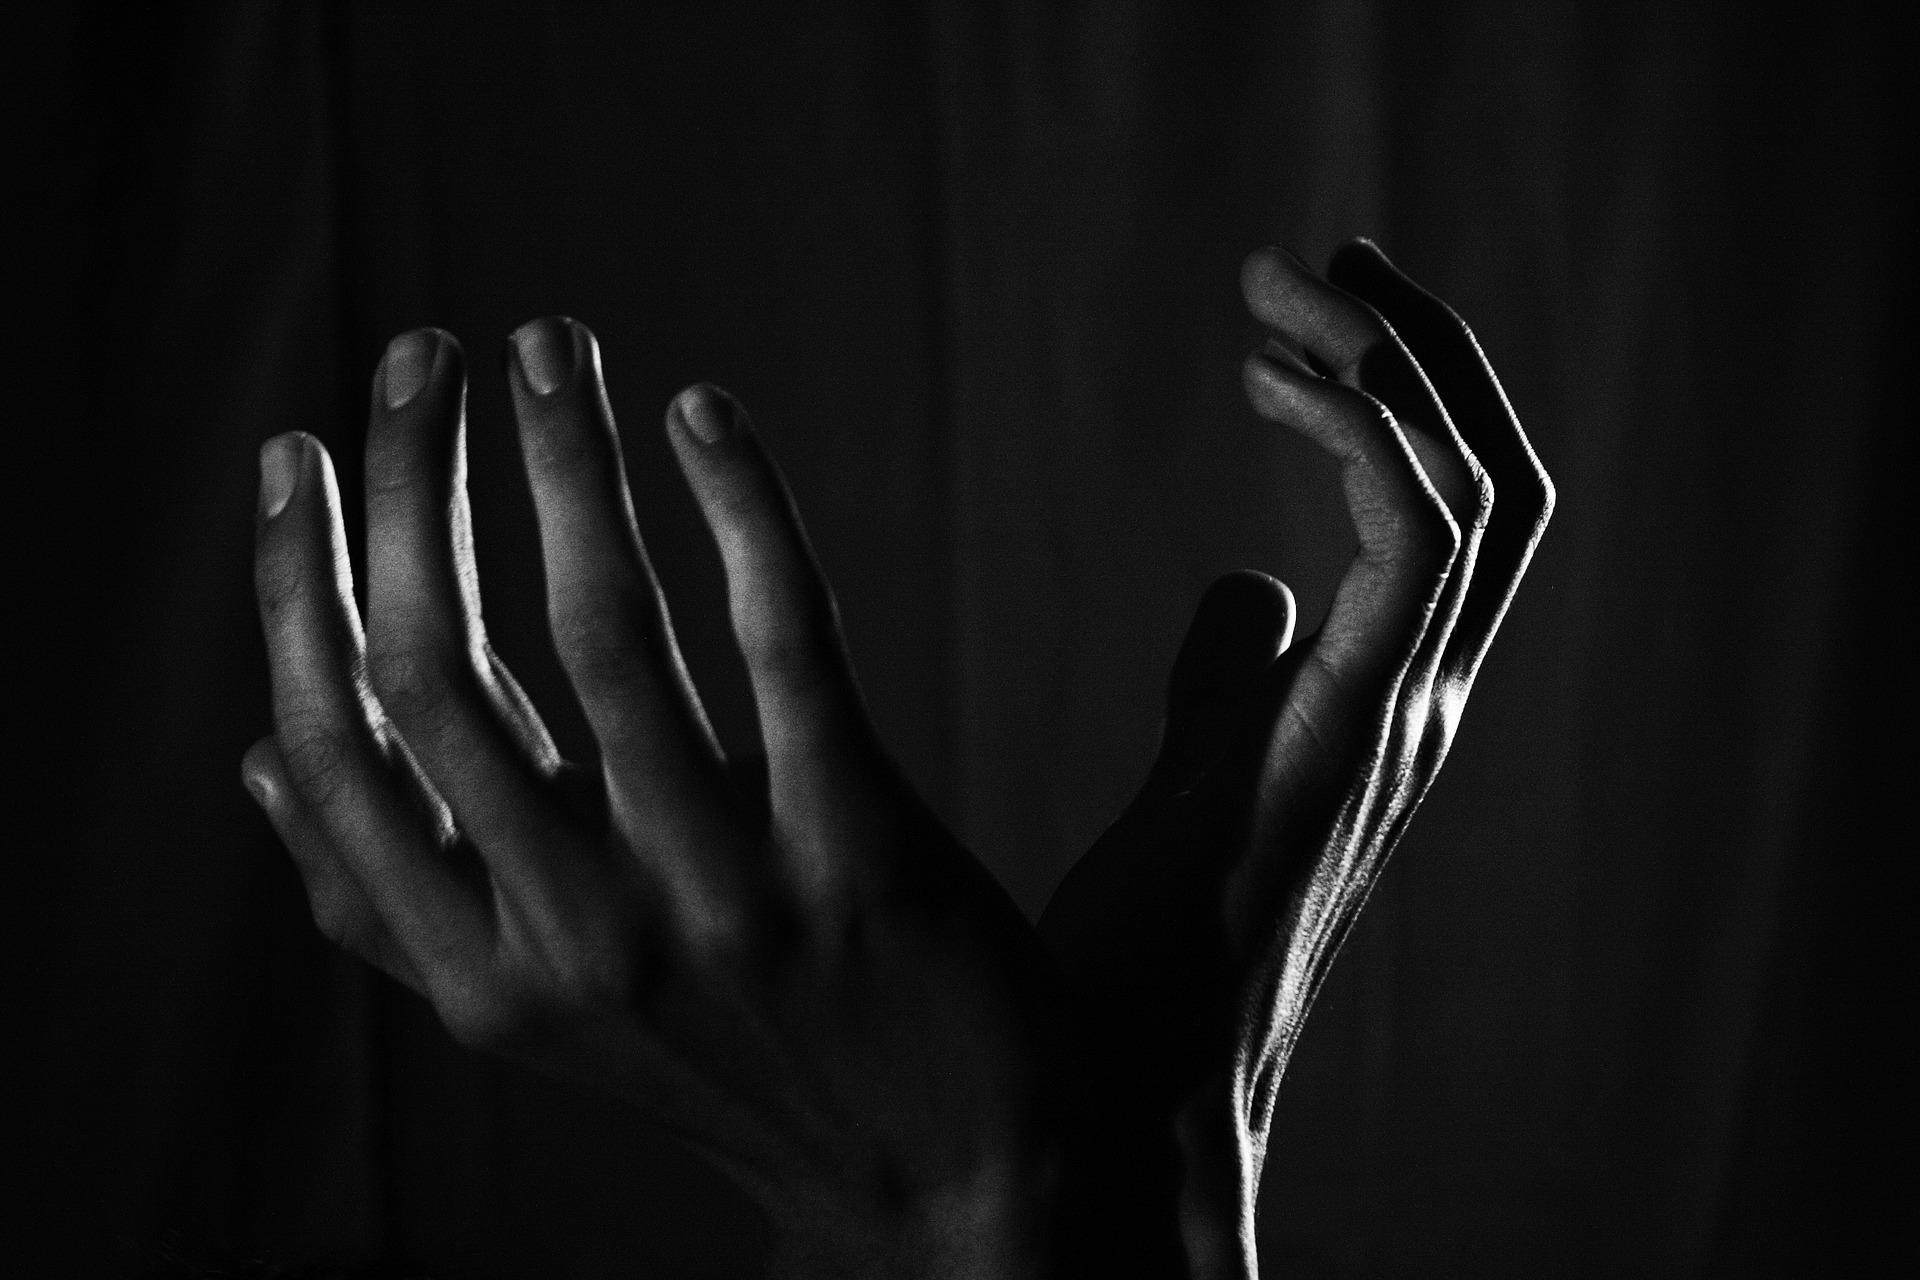 hands-2217668_1920